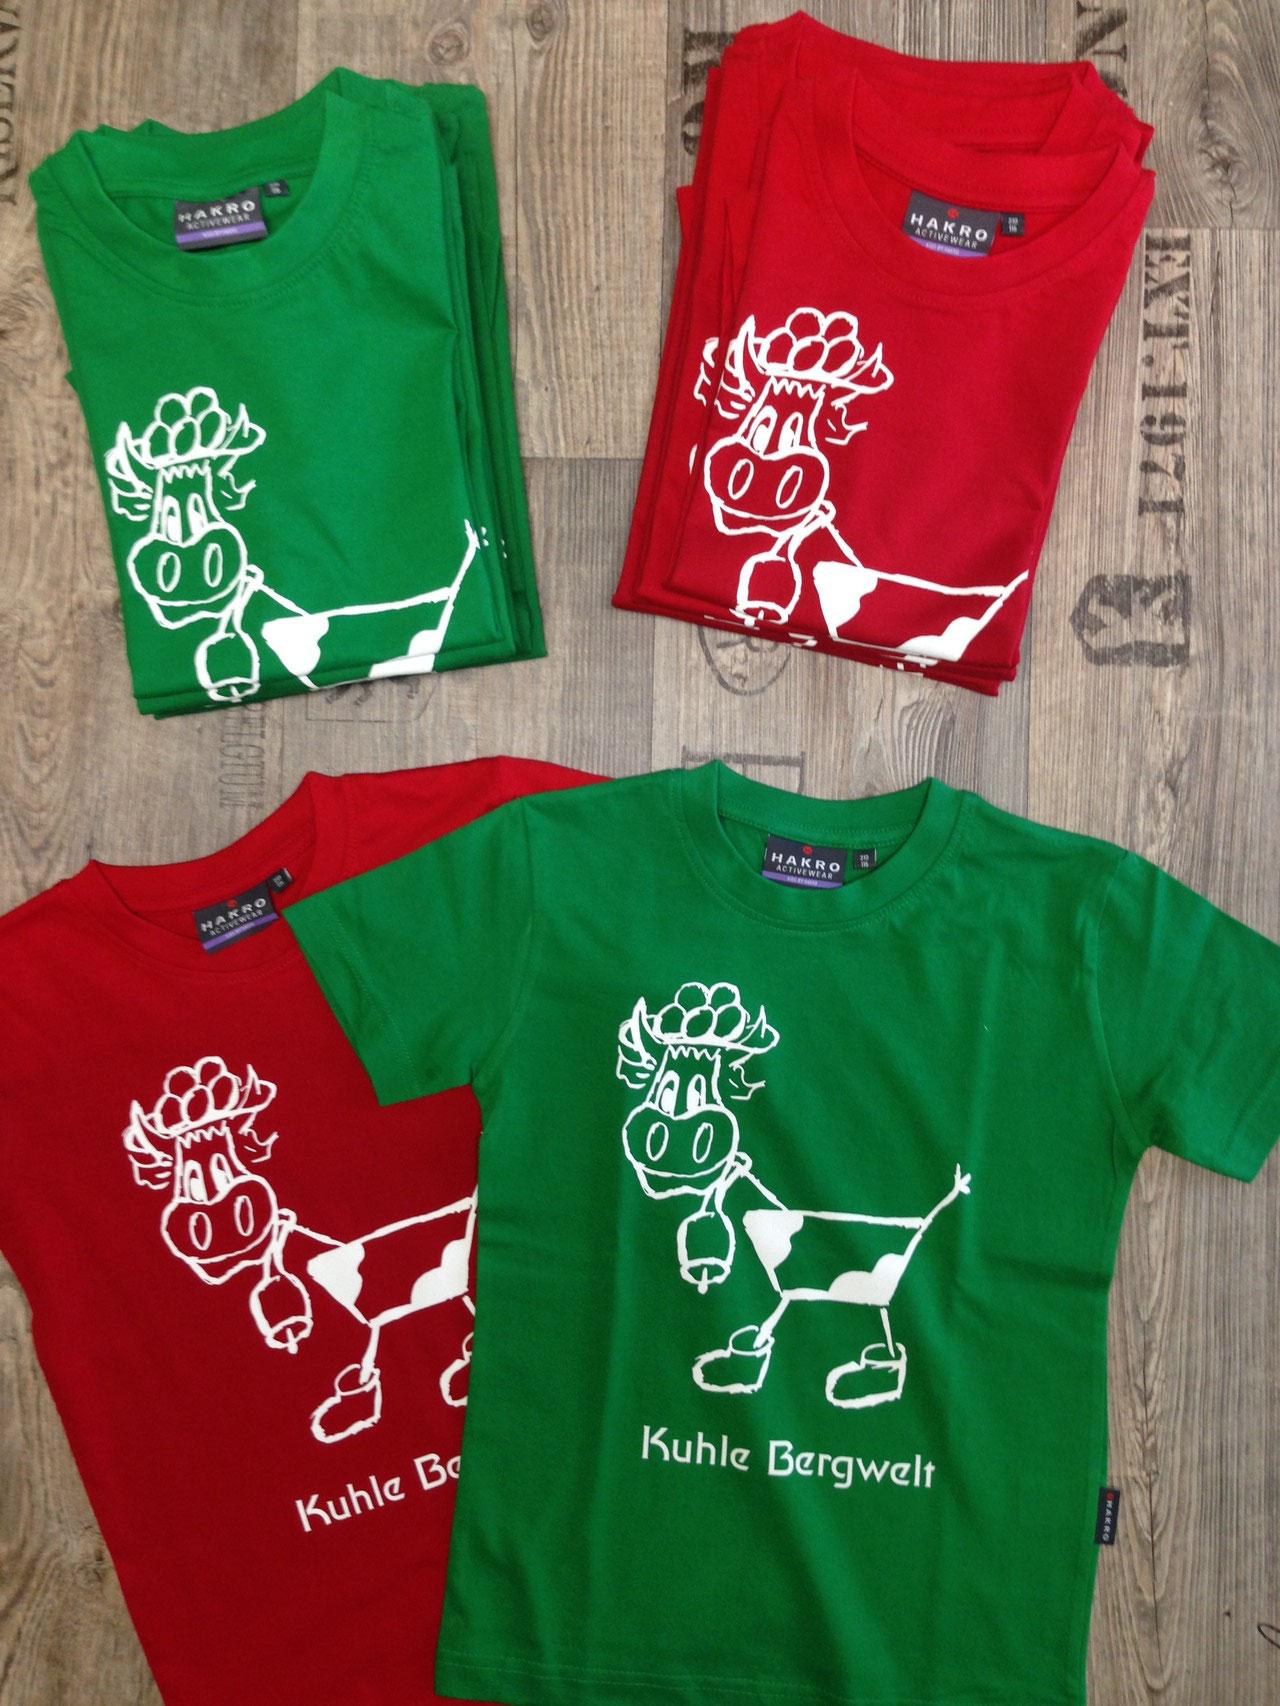 Dies Shirts sind erhältlich im Talladen in Todtnau.